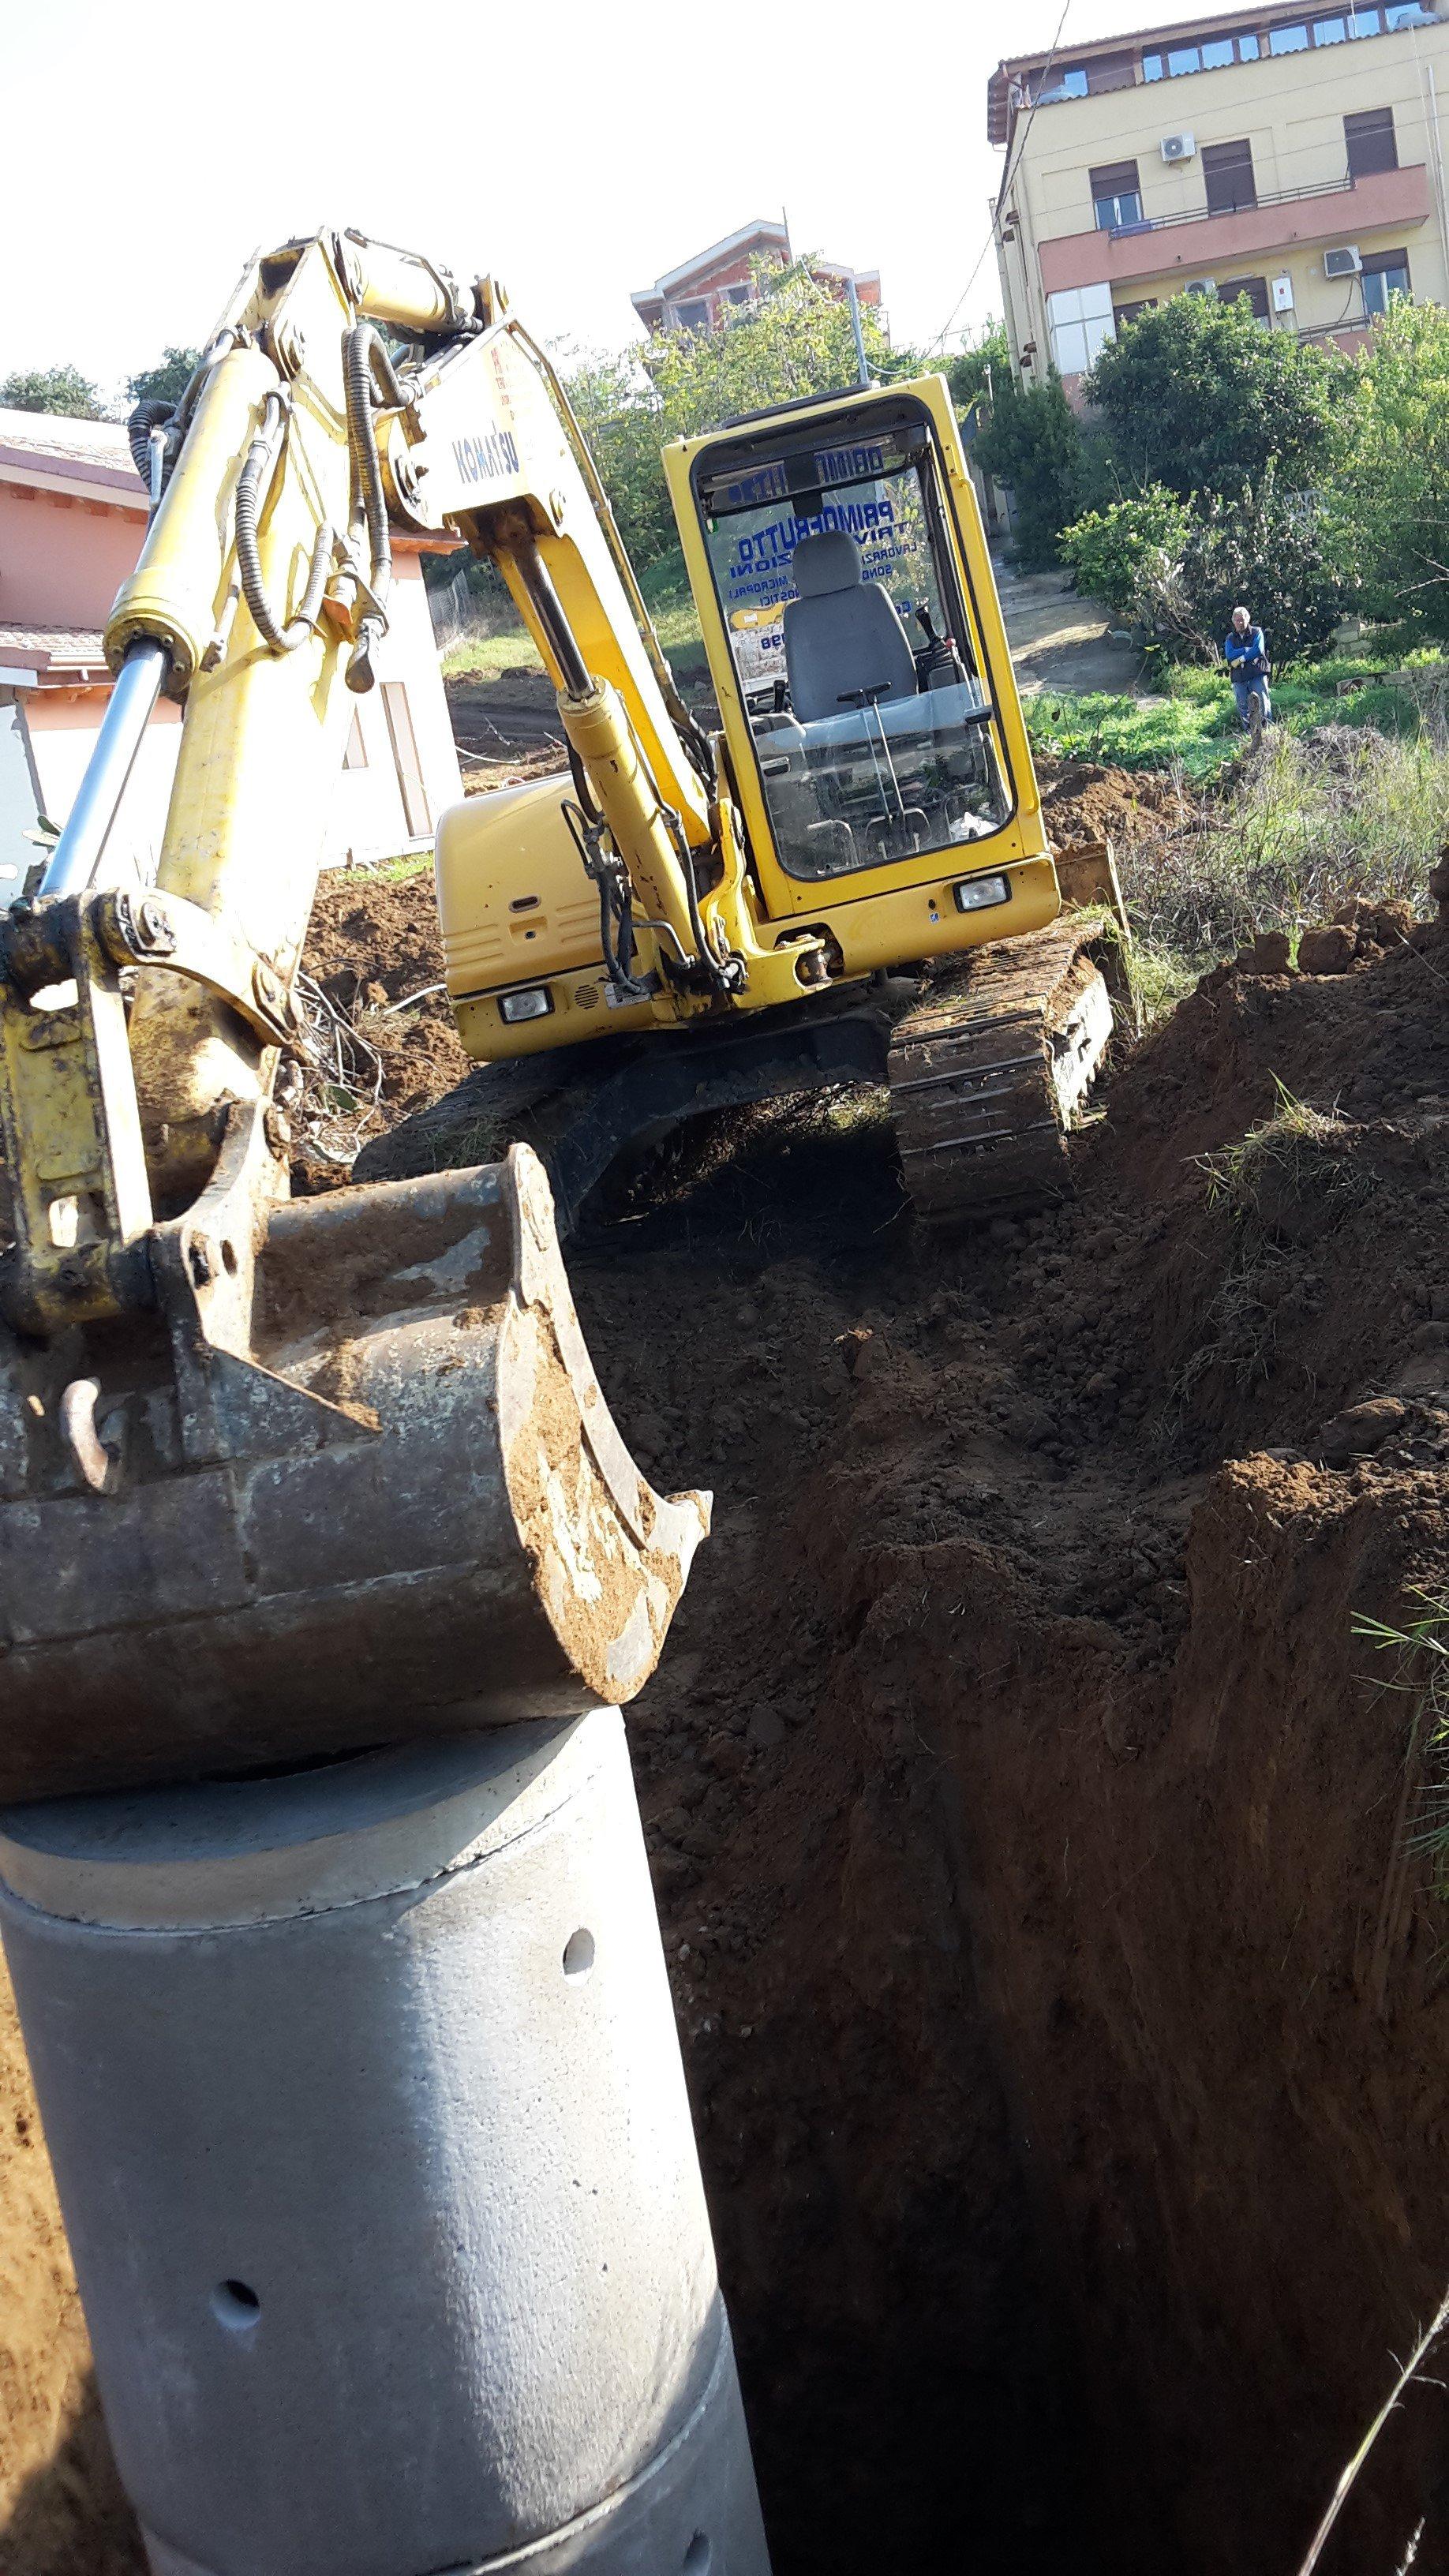 dettaglio della pala di un'escavatrice